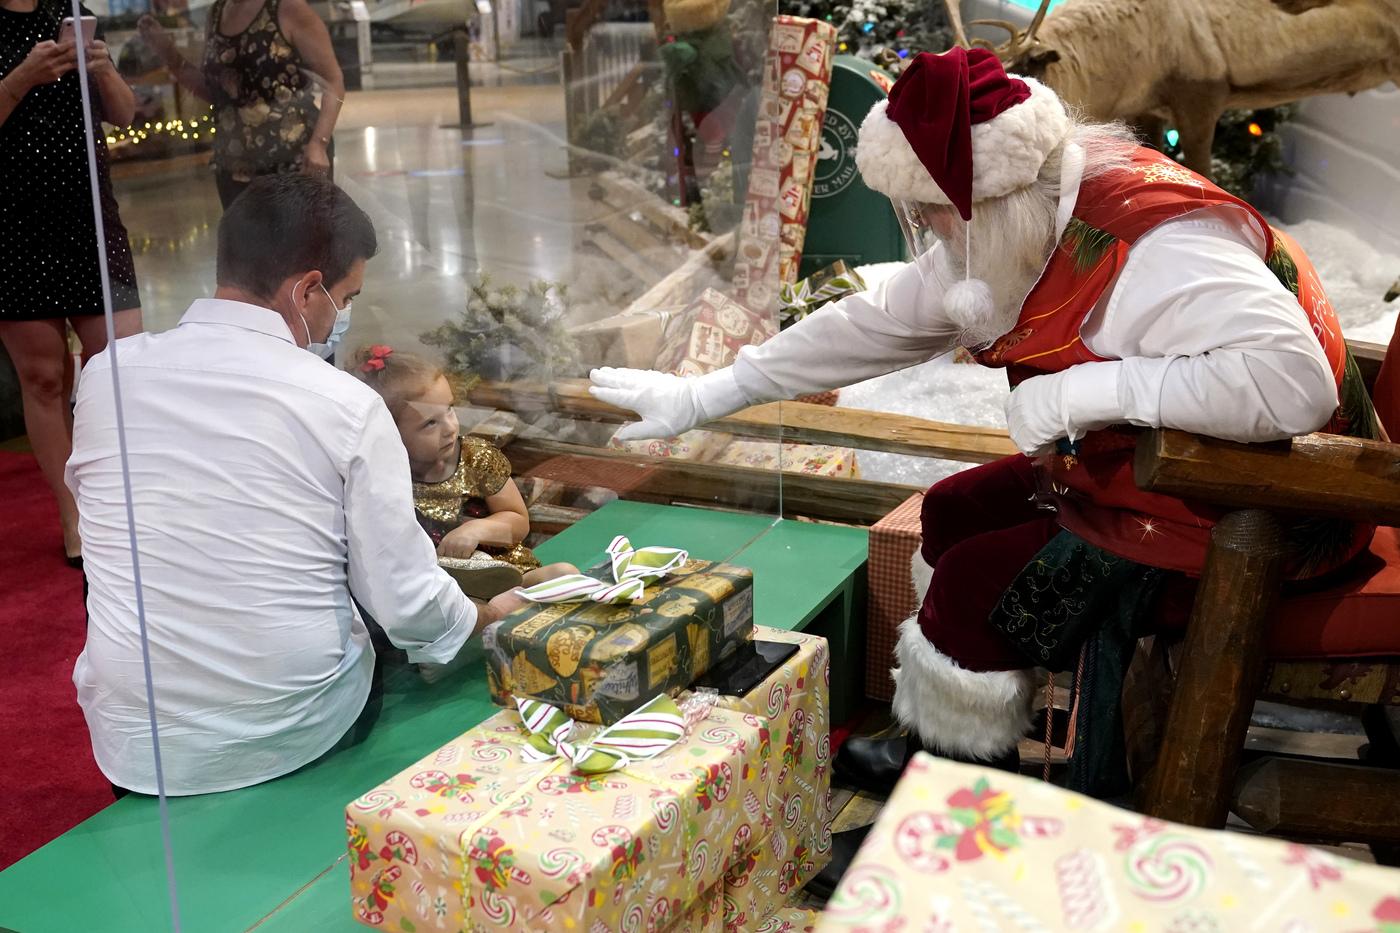 Il Natale 'rubato' ai bambini: i consigli di una pedagogista per piccoli (e grandi) - LaPresse